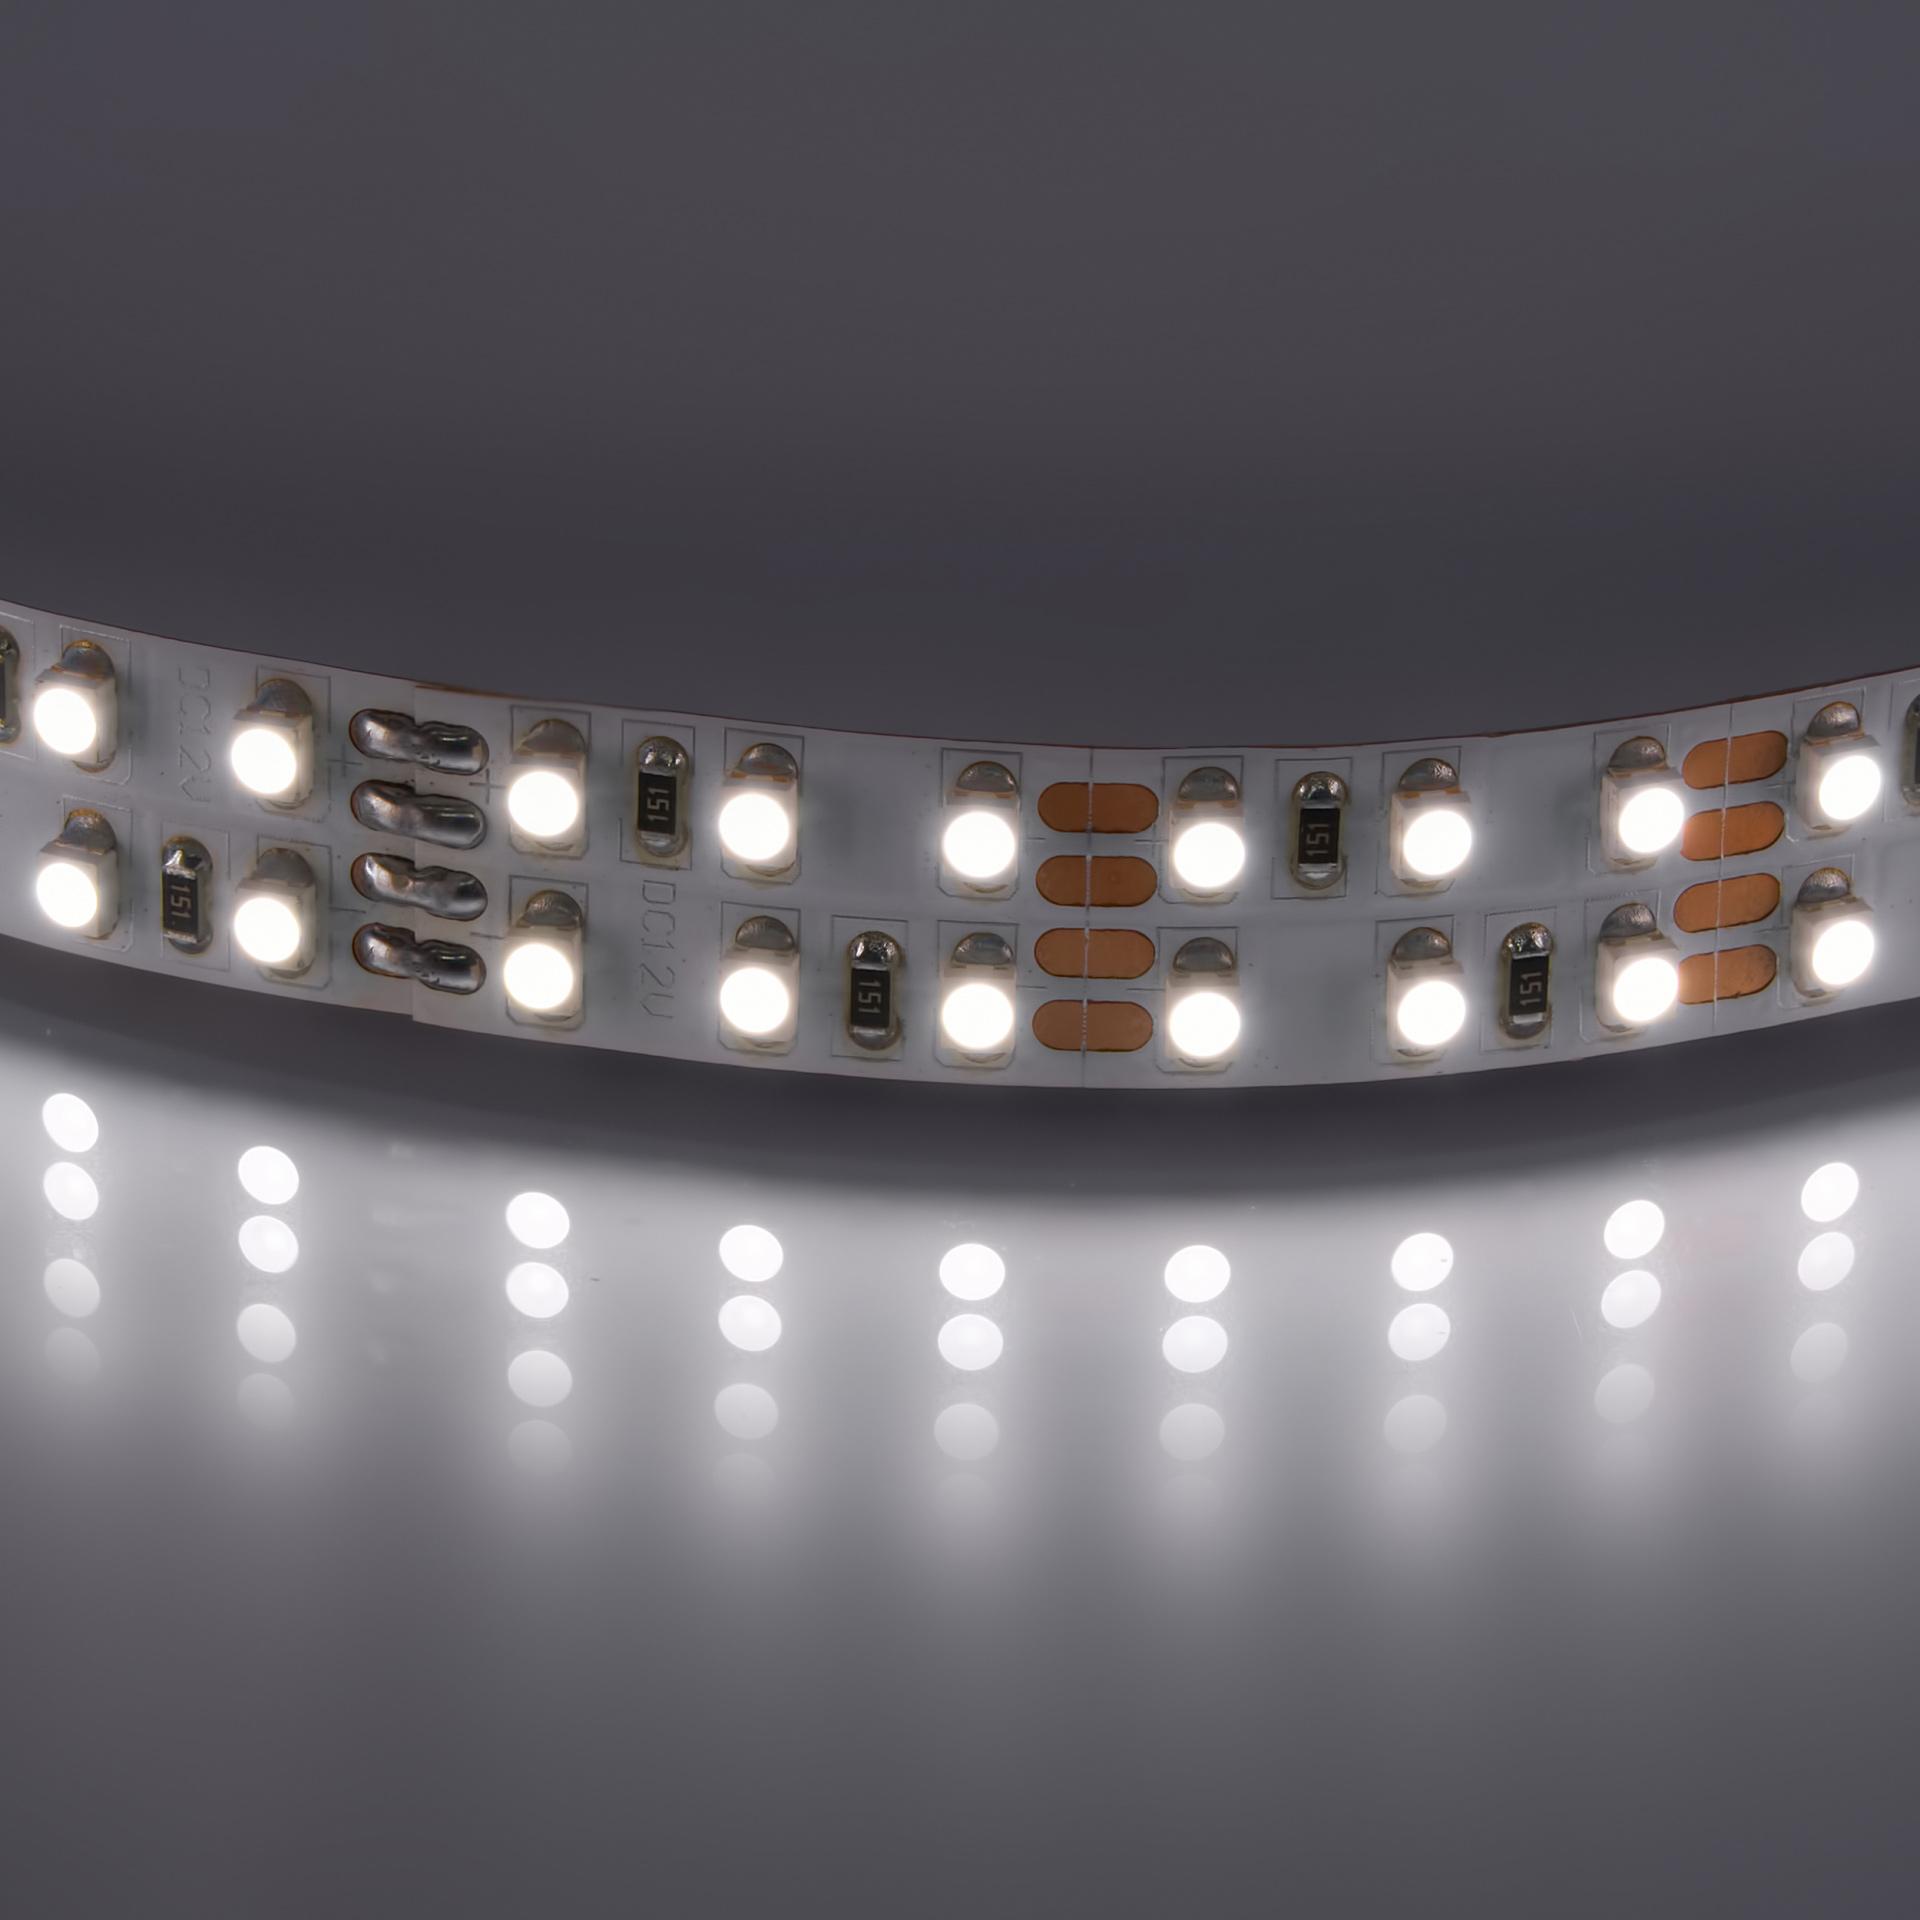 Лента 3528 LED 12V 19.2W 4200K-4500K 100m нейтральный белый цвет Lightstar 400024, купить в СПб, Москве, с доставкой, Санкт-Петербург, интернет-магазин люстр и светильников Starlight, фото в жизни